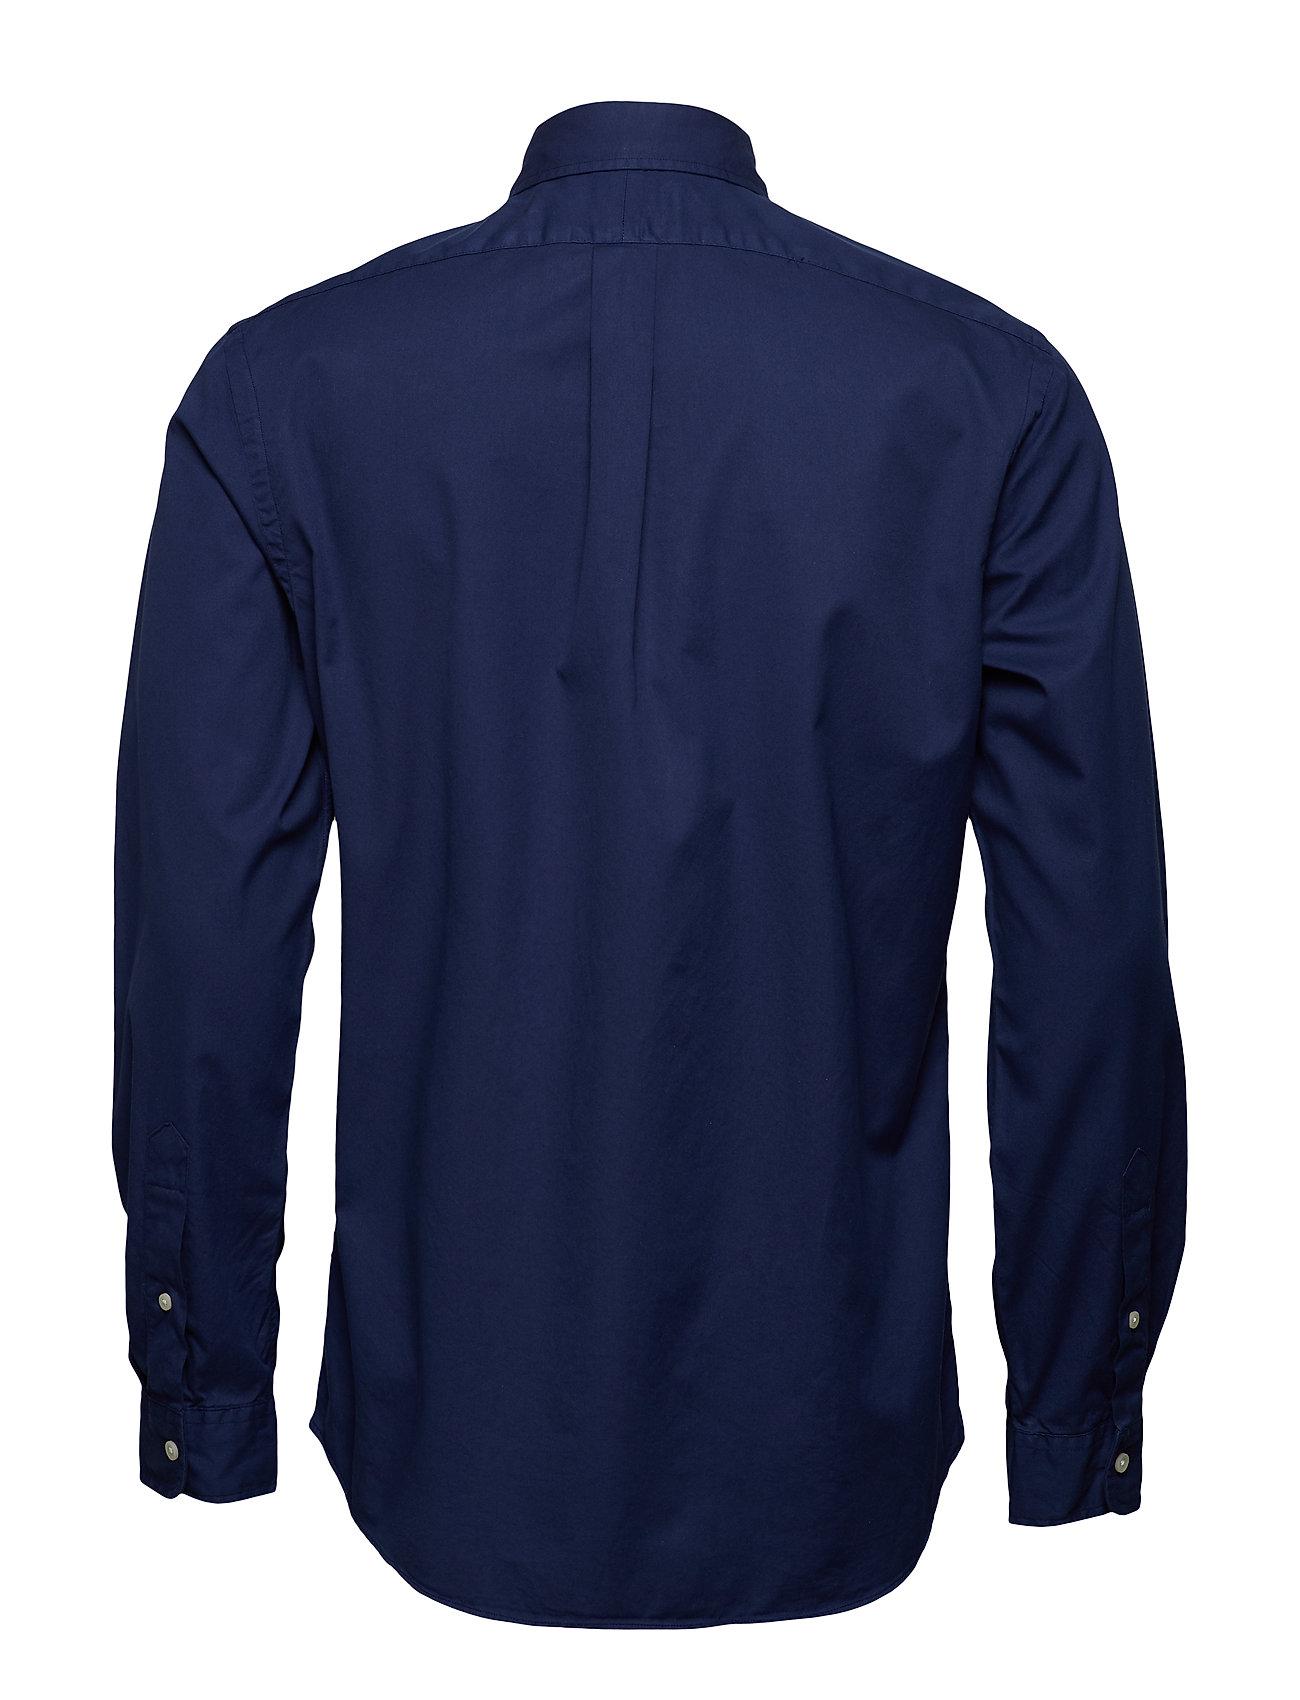 Shirtnewport Ppc NavyPolo Bd Sp Ralph sport long Lauren Sleeve WE29YDHI